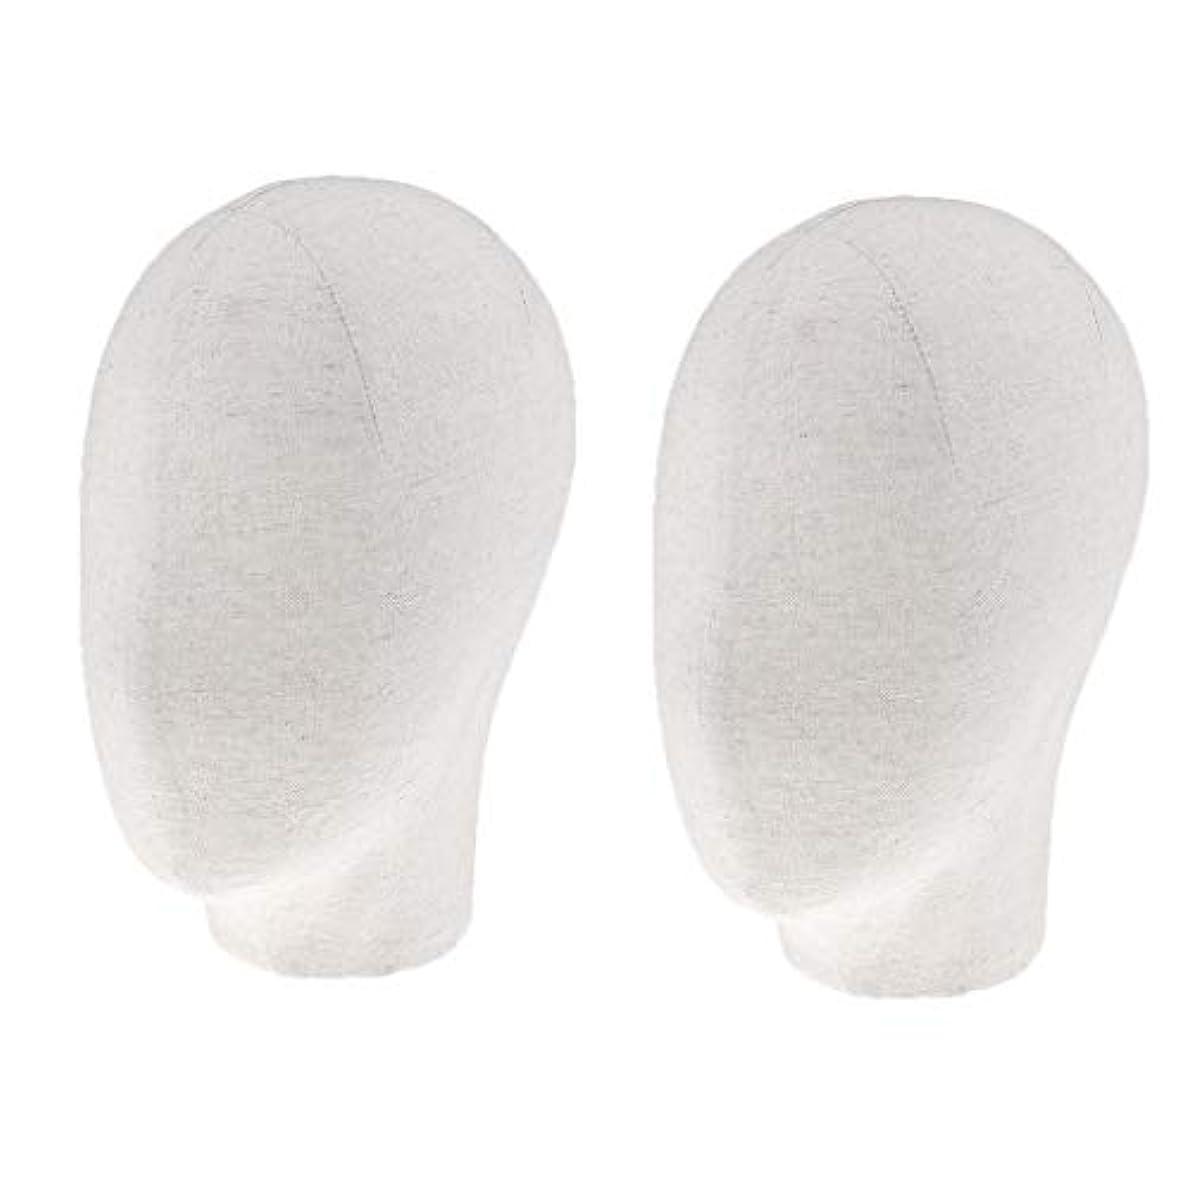 マグ接続表面的なCUTICATE マネキンヘッド ディスプレイ ホルダー かつら ウィッグ 帽子作り 展示 家庭 サロン